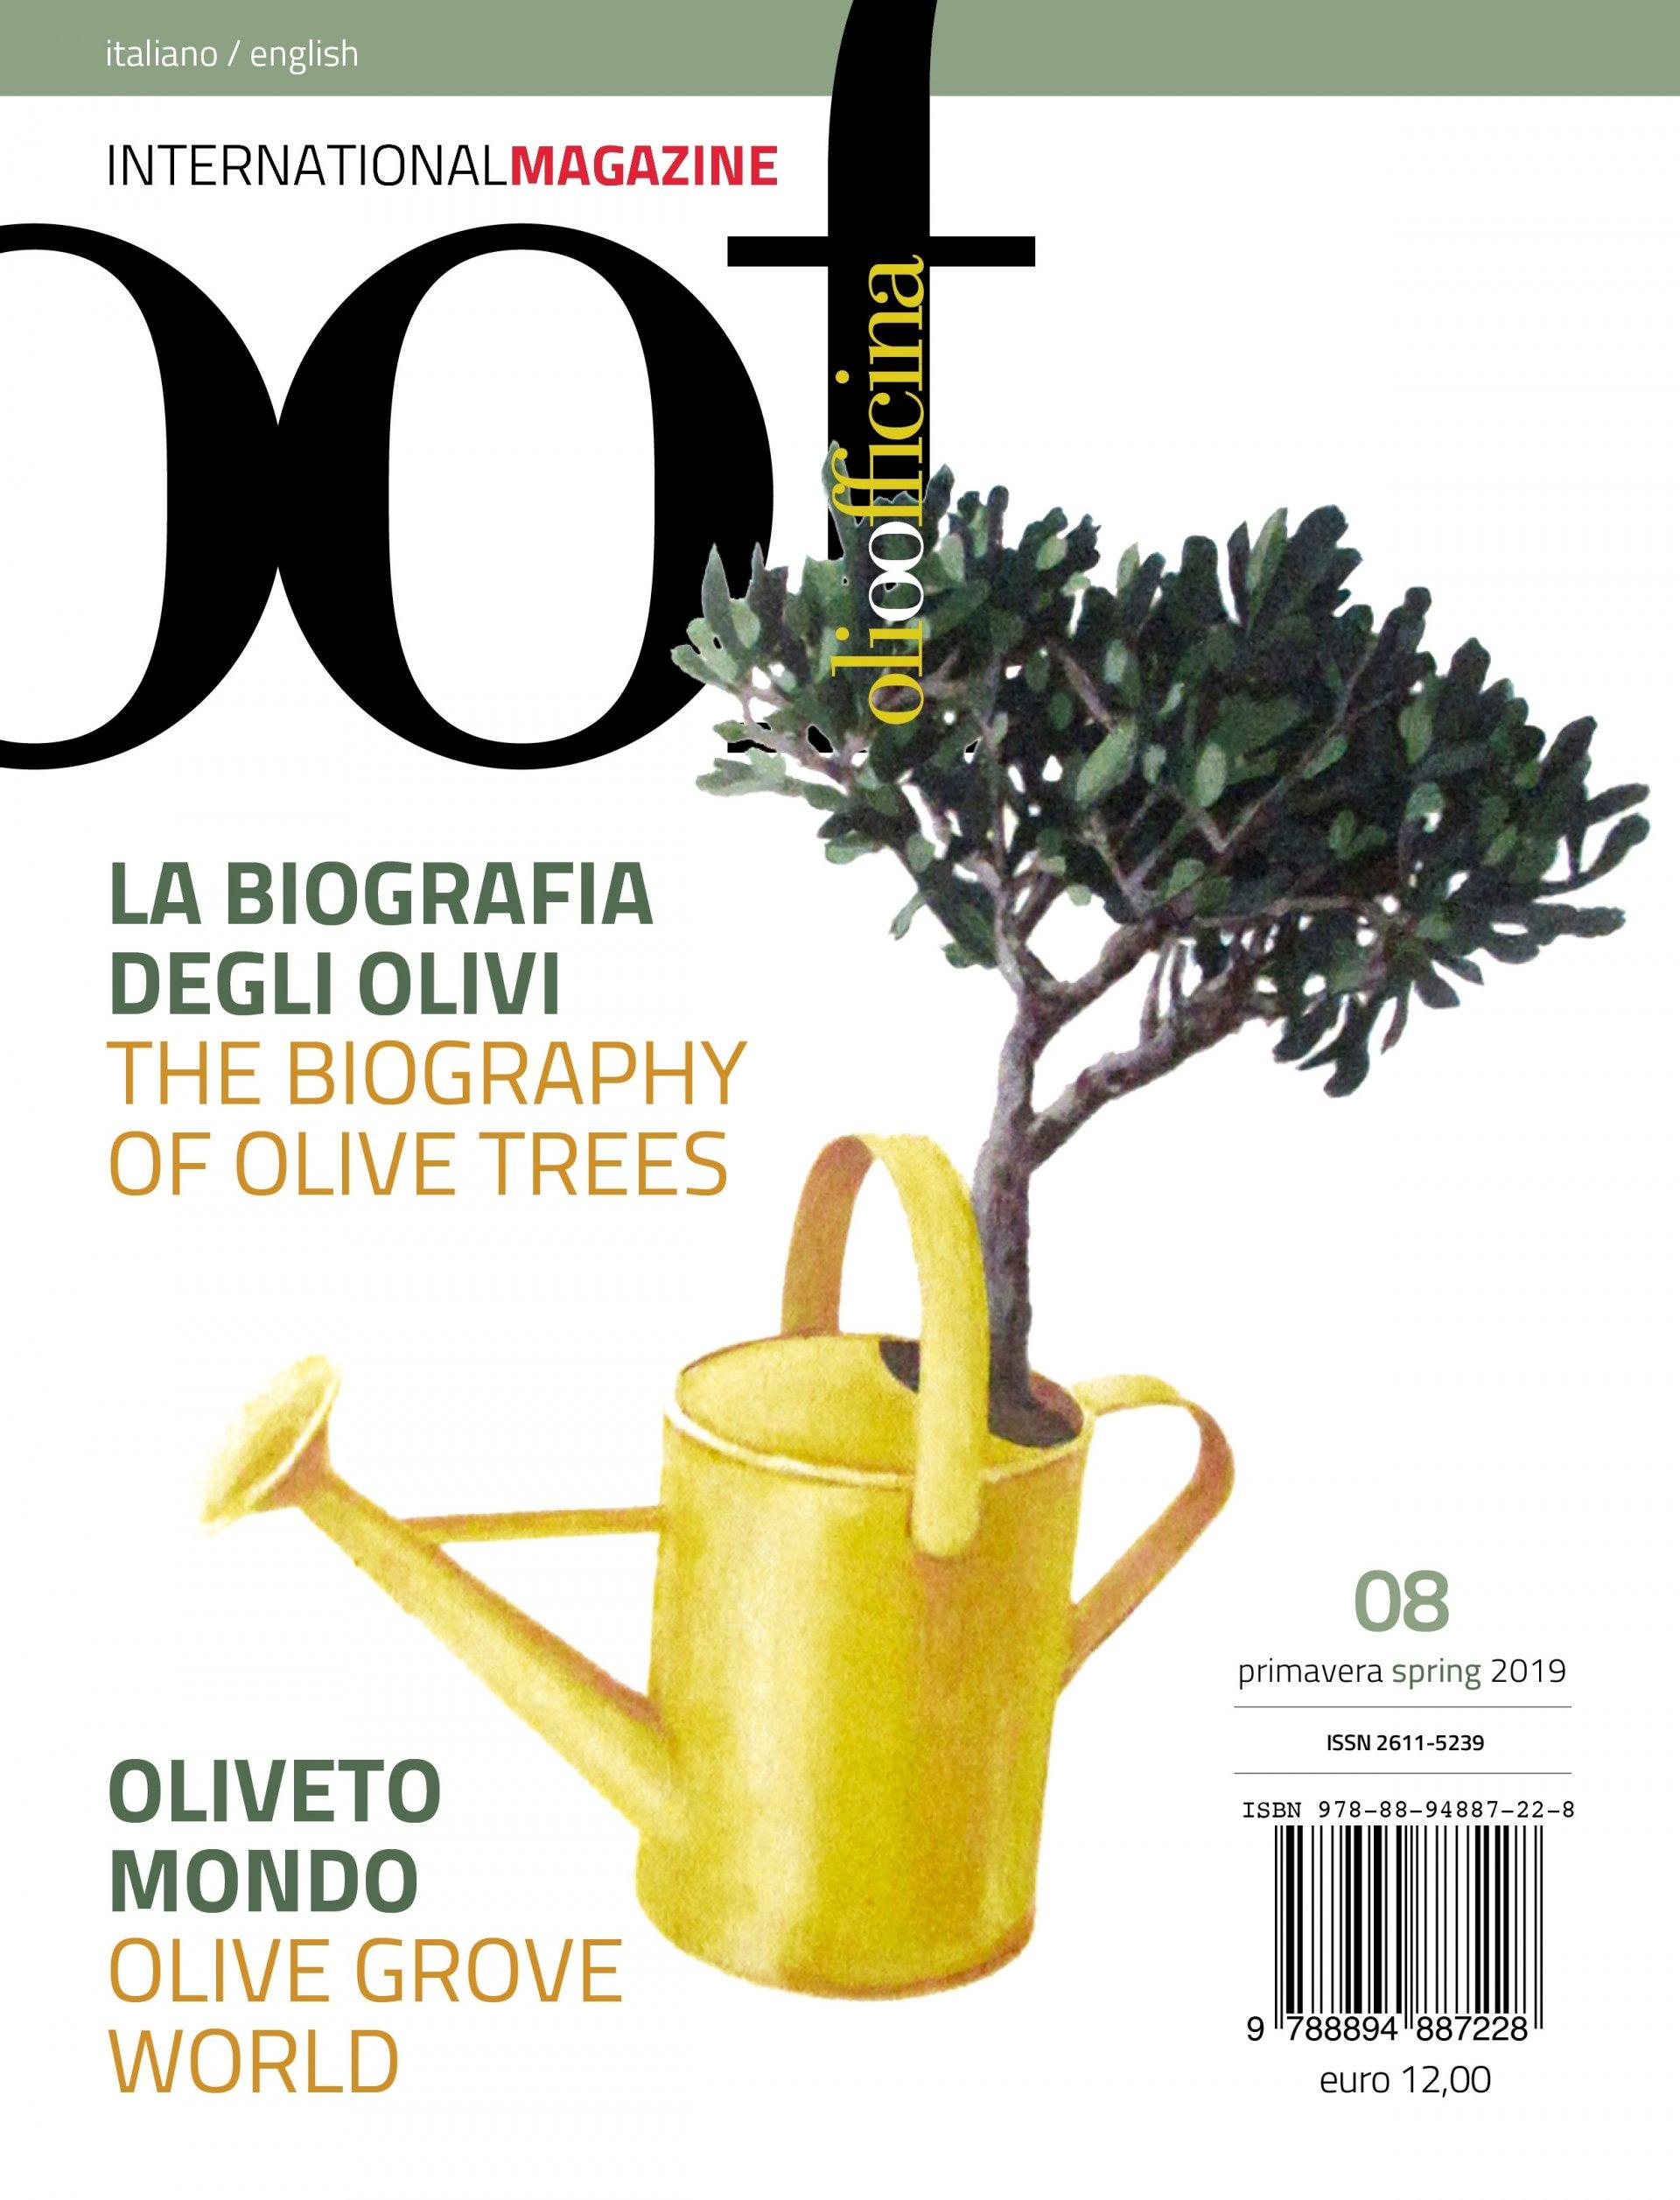 Non sono ancora abbonato a OOF International Magazine e voglio sapere come fare